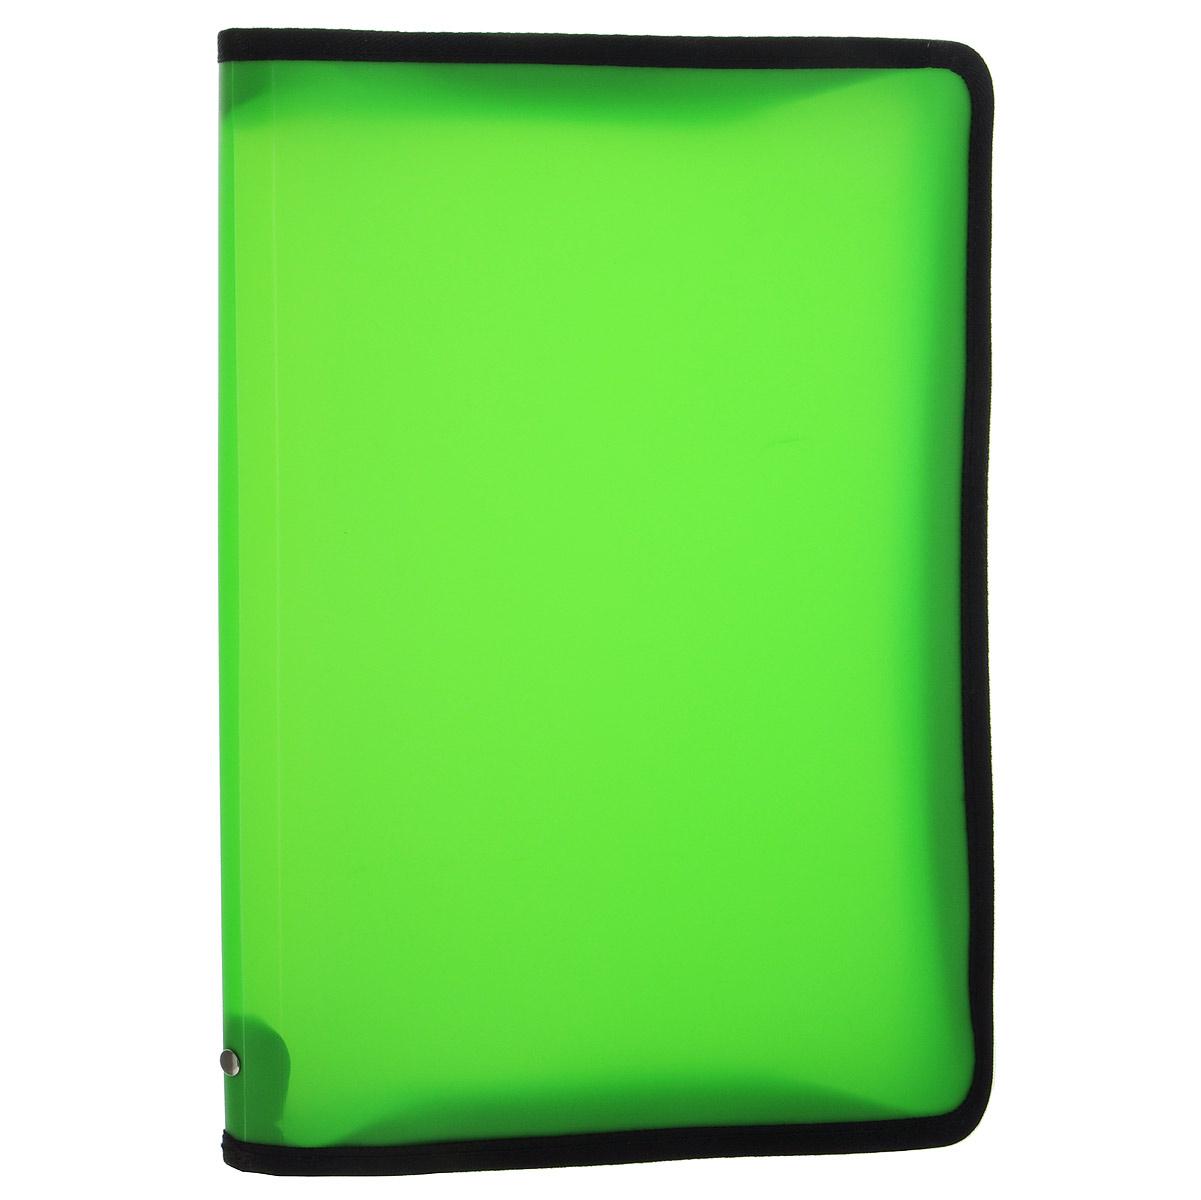 Папка Erich Krause, на молнии, цвет: зеленый. Формат А431012Папка Erich Krause - это удобный и функциональный офисный инструмент, предназначенный для хранения и транспортировки рабочих бумаг и документов формата А4, а также тетрадей и канцелярских принадлежностей. В папке одно вместительное отделение. Папка изготовлена из прочного высококачественного пластика, закрывается на круговую застежку-молнию. Папка состоит из одного отделения и имеет яркий неоновый зеленый цвет. Края папки отделаны полиэстером, а уголки имеют закругленную форму, что предотвращает их загибание и помогает надолго сохранить опрятный вид обложки. Папка - это незаменимый атрибут для любого студента, школьника или офисного работника. Такая папка надежно сохранит ваши бумаги и сбережет их от повреждений, пыли и влаги.